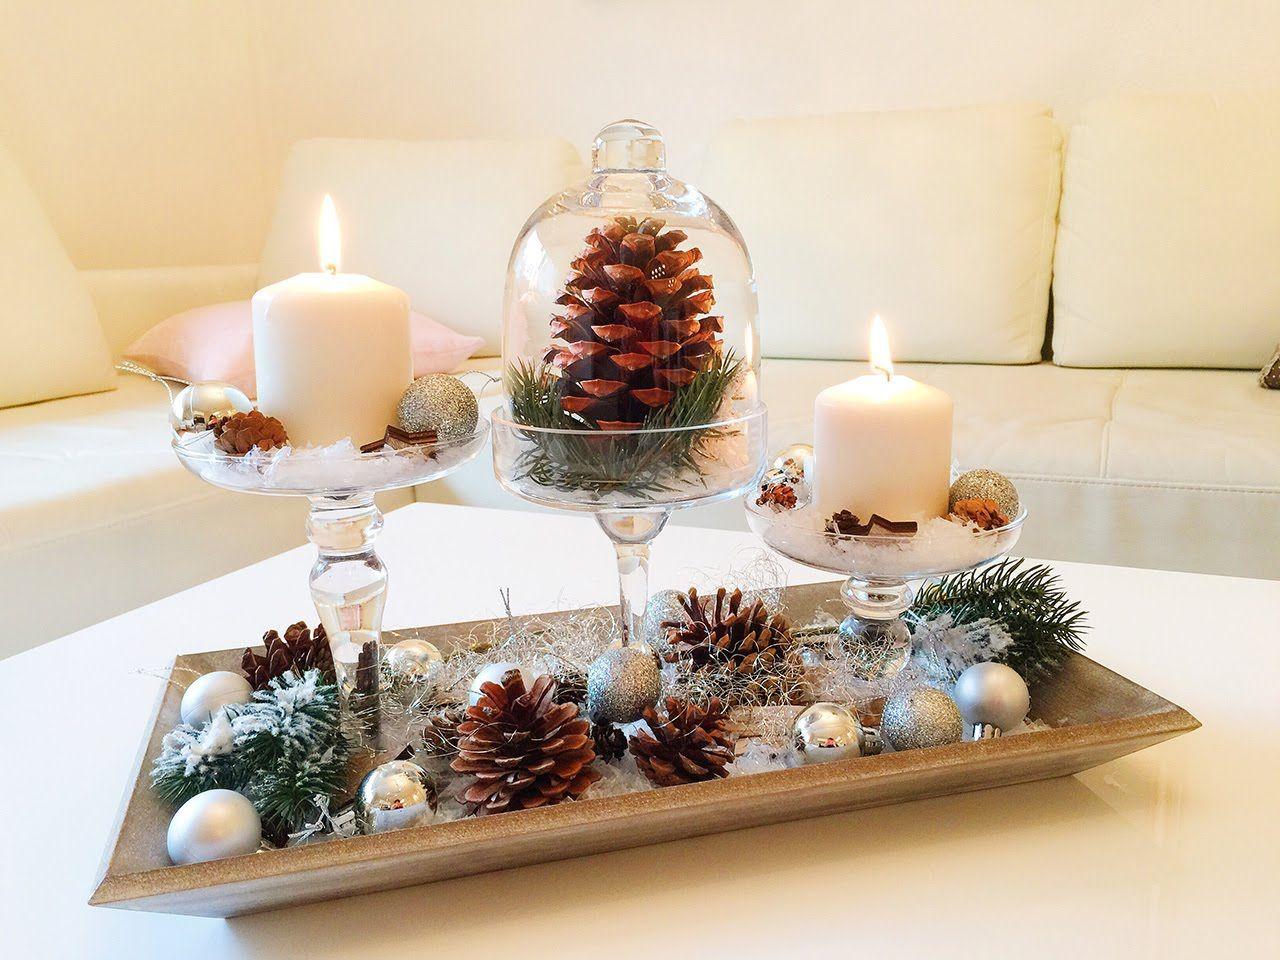 diy winterdeko für das wohnzimmer / winter dekoration | kerst ... - Wohnzimmer Deko Diy